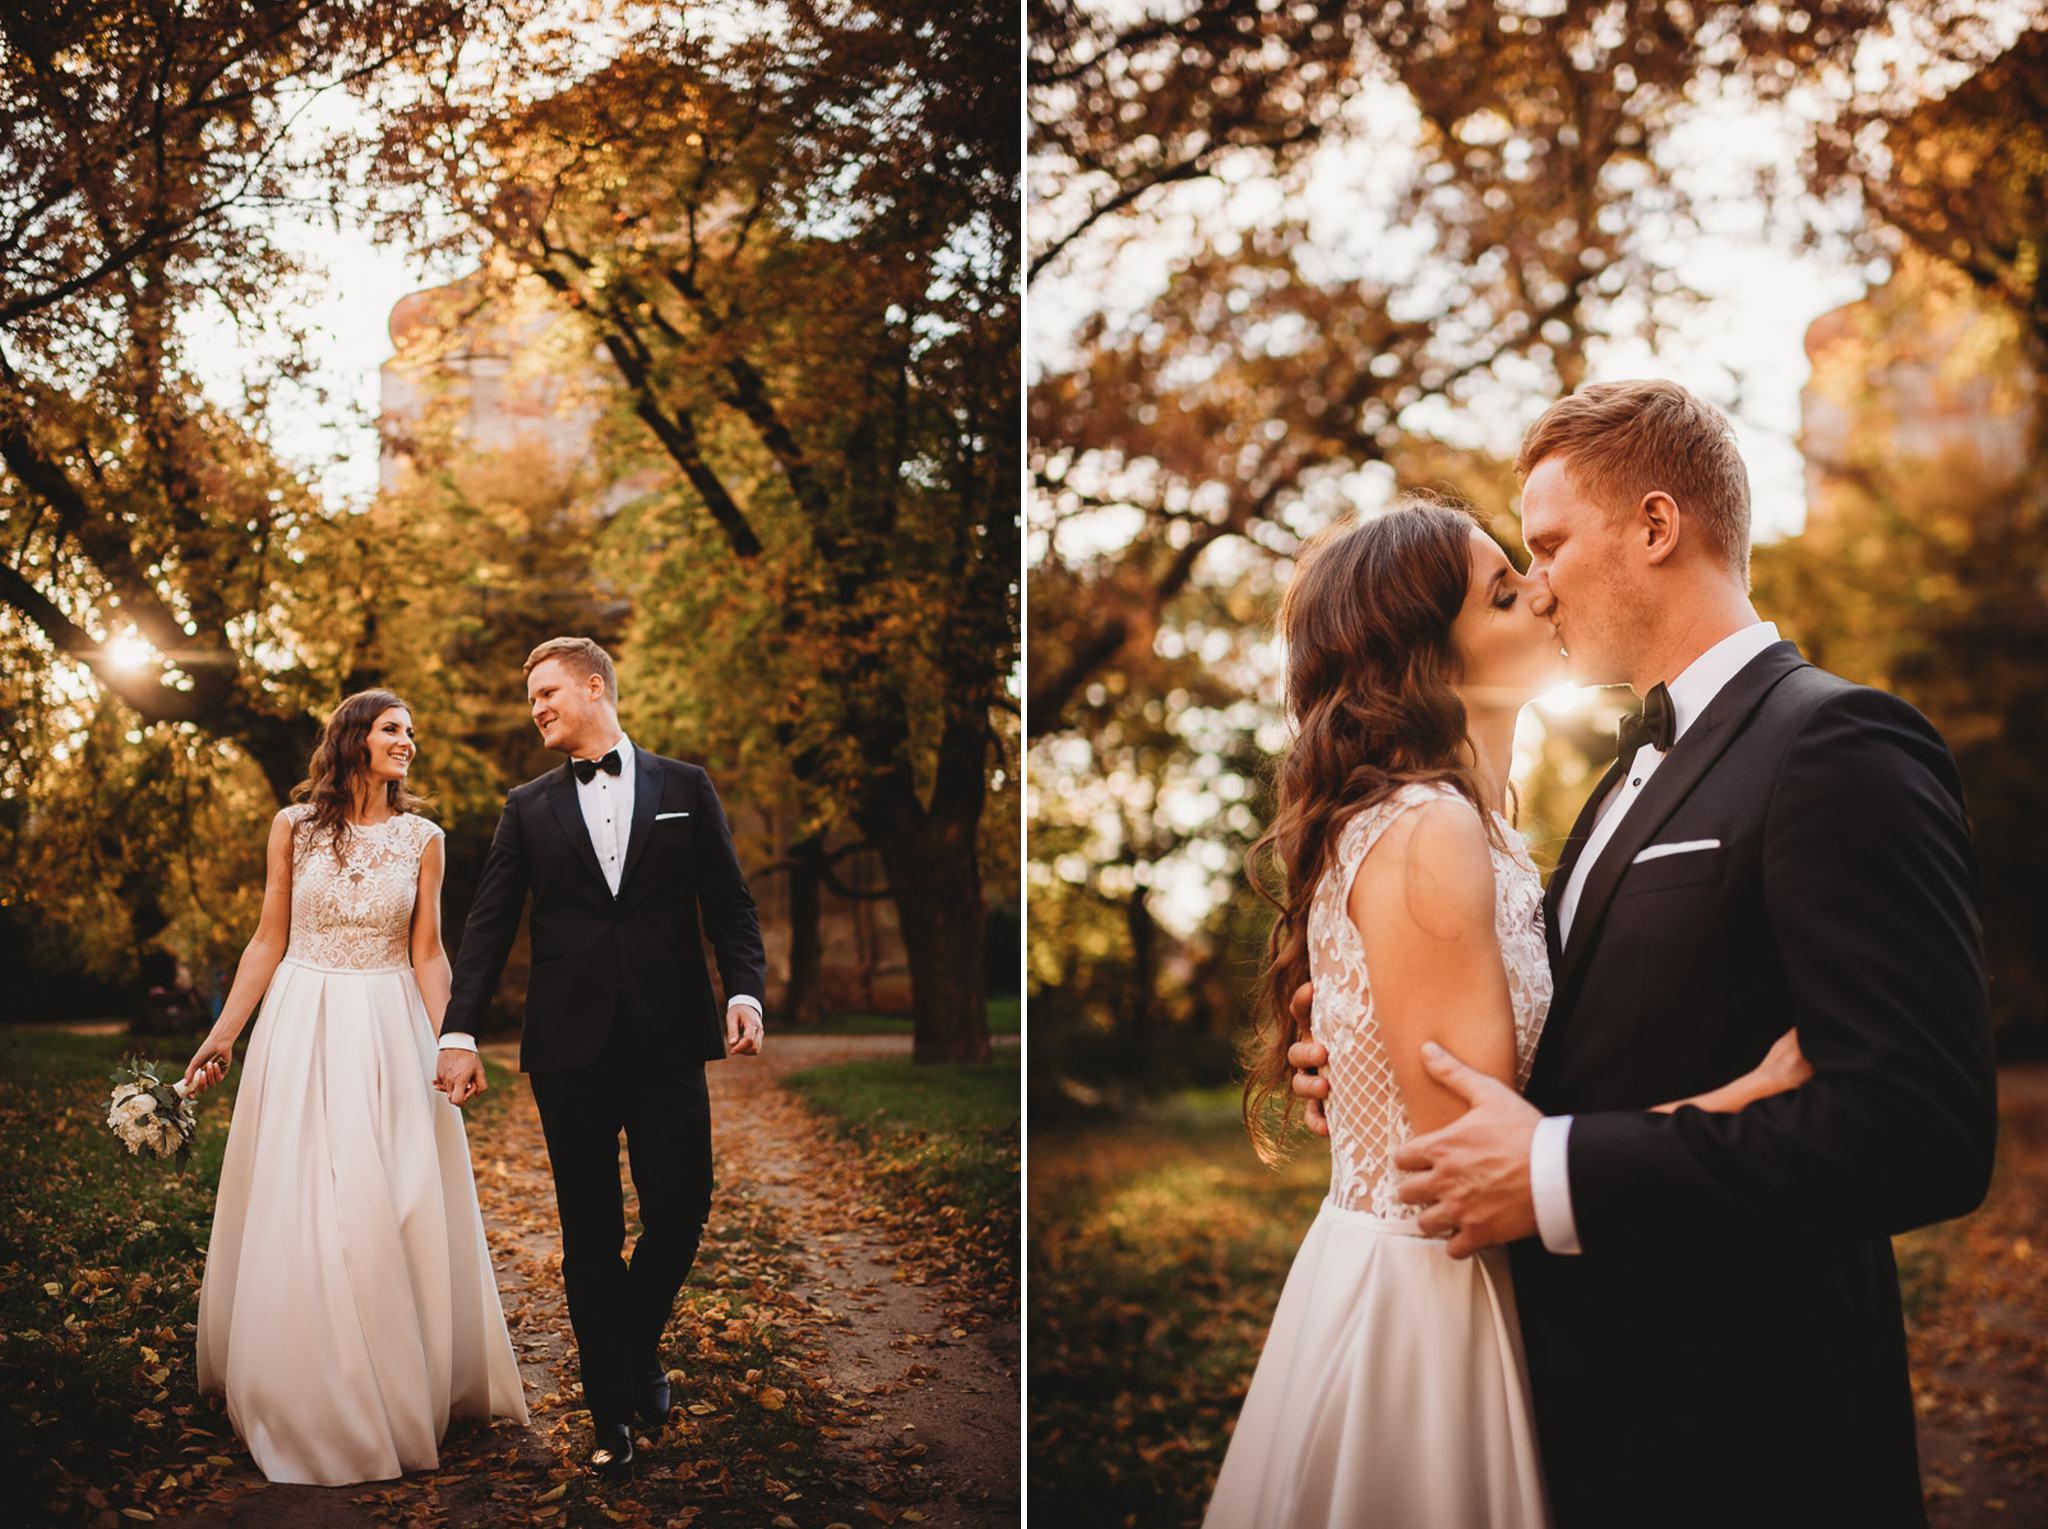 Dorota i Tomasz-wesele Hotel Kristoff Kalisz, sesja ślubna w Lubiążu 501